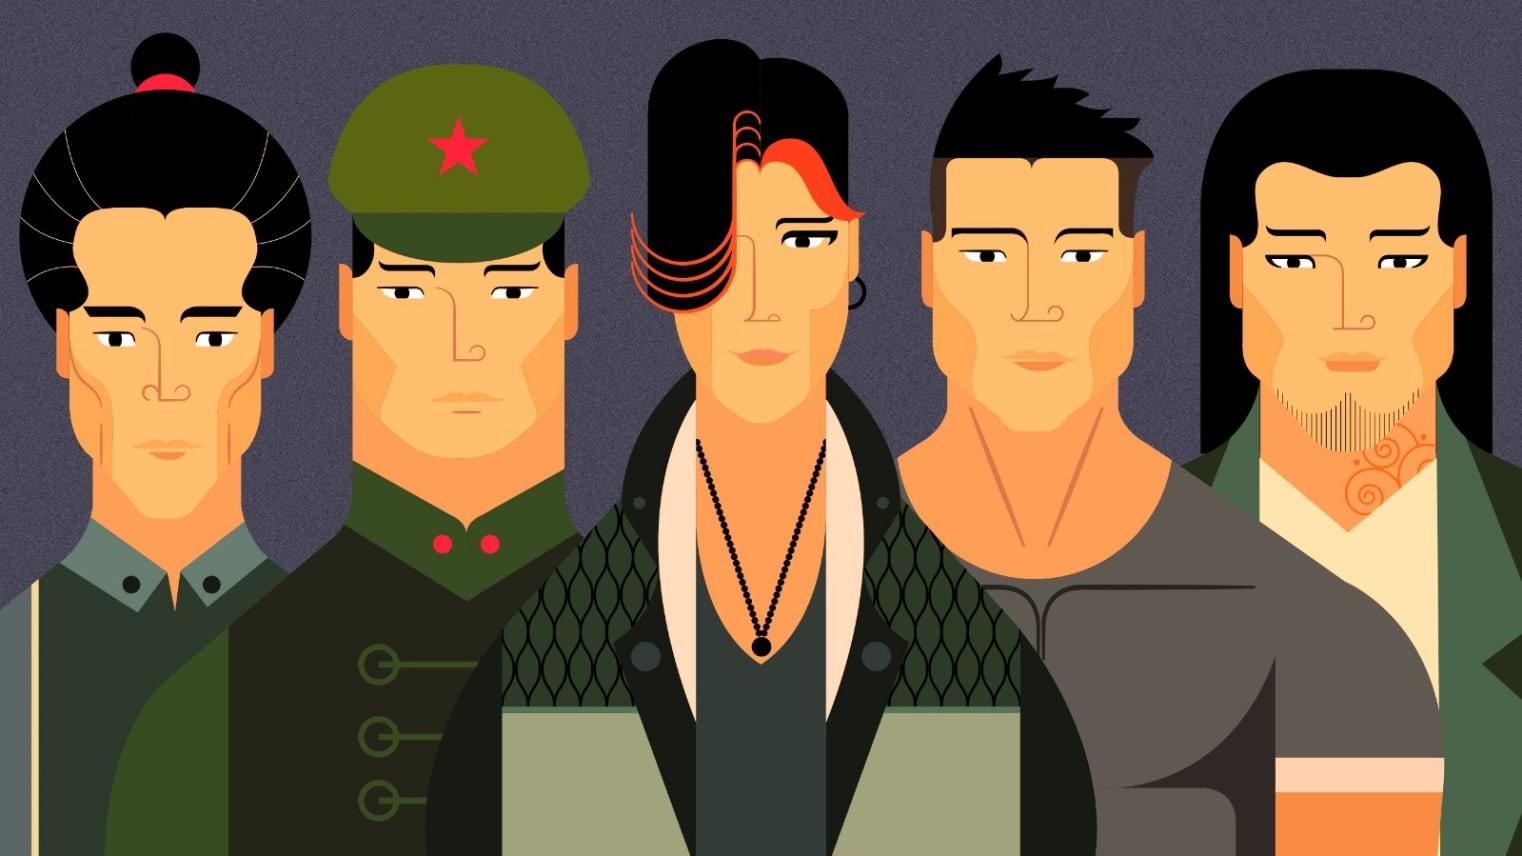 كيف يستعيد الزي الصيني التقليدي مجده في العالم المعاصر؟